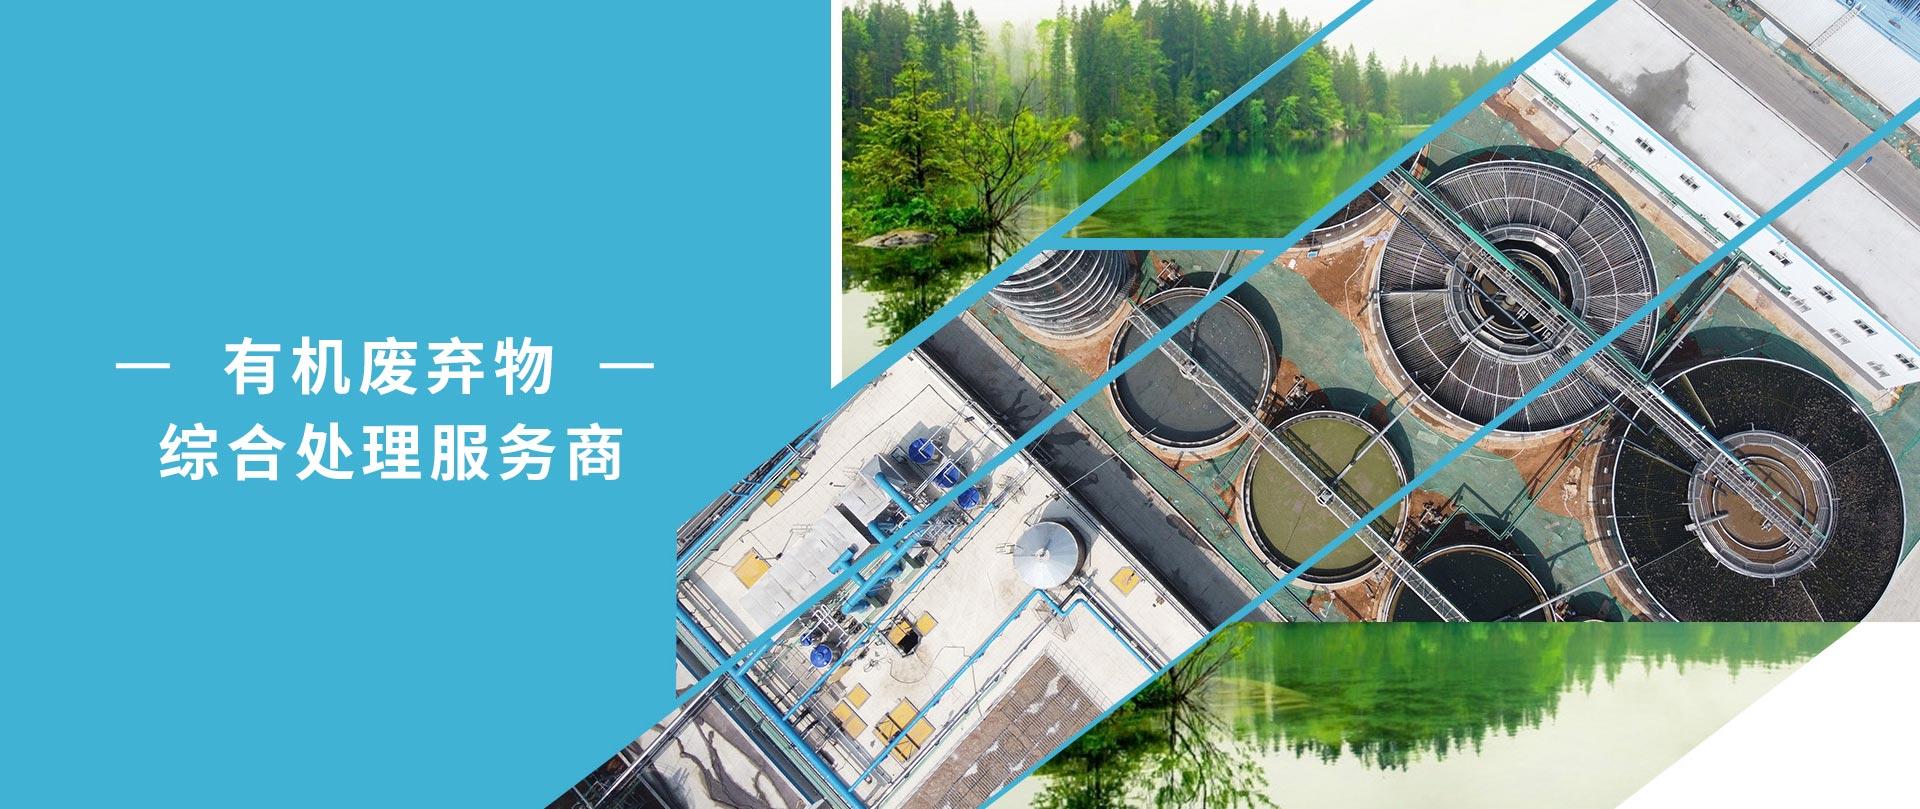 污水伟德betvictor中文公司